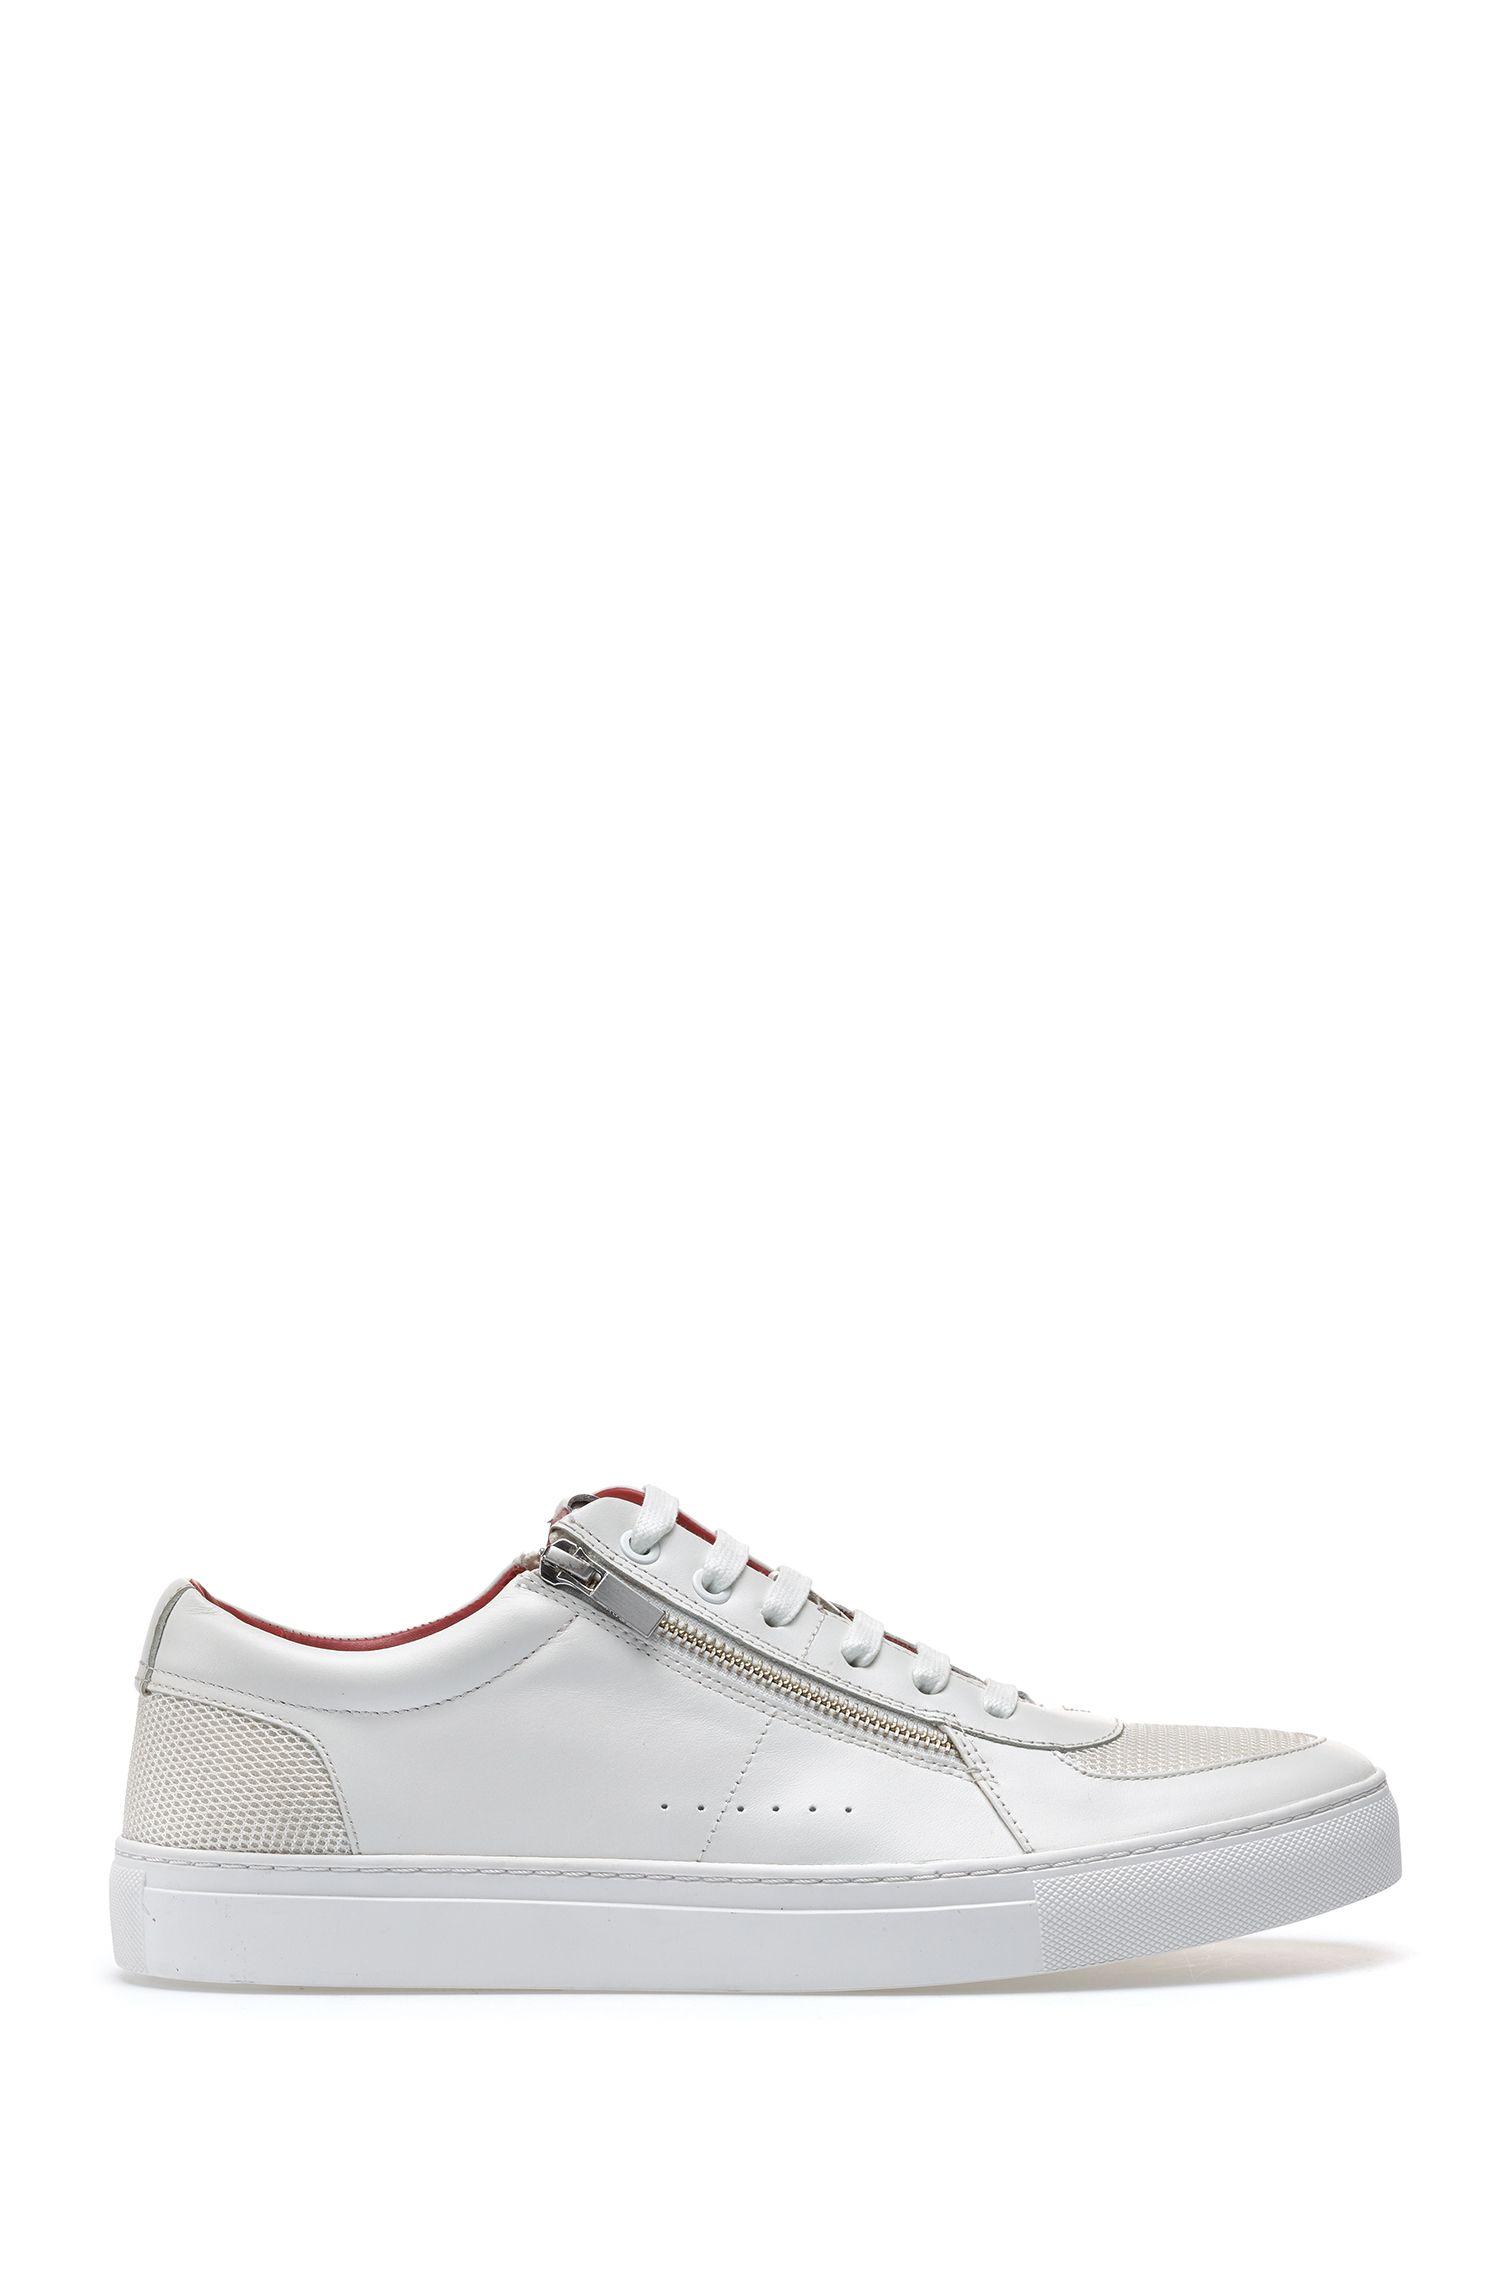 Sneakers aus Leder im Tennis-Stil mit Reißverschlüssen, Weiß